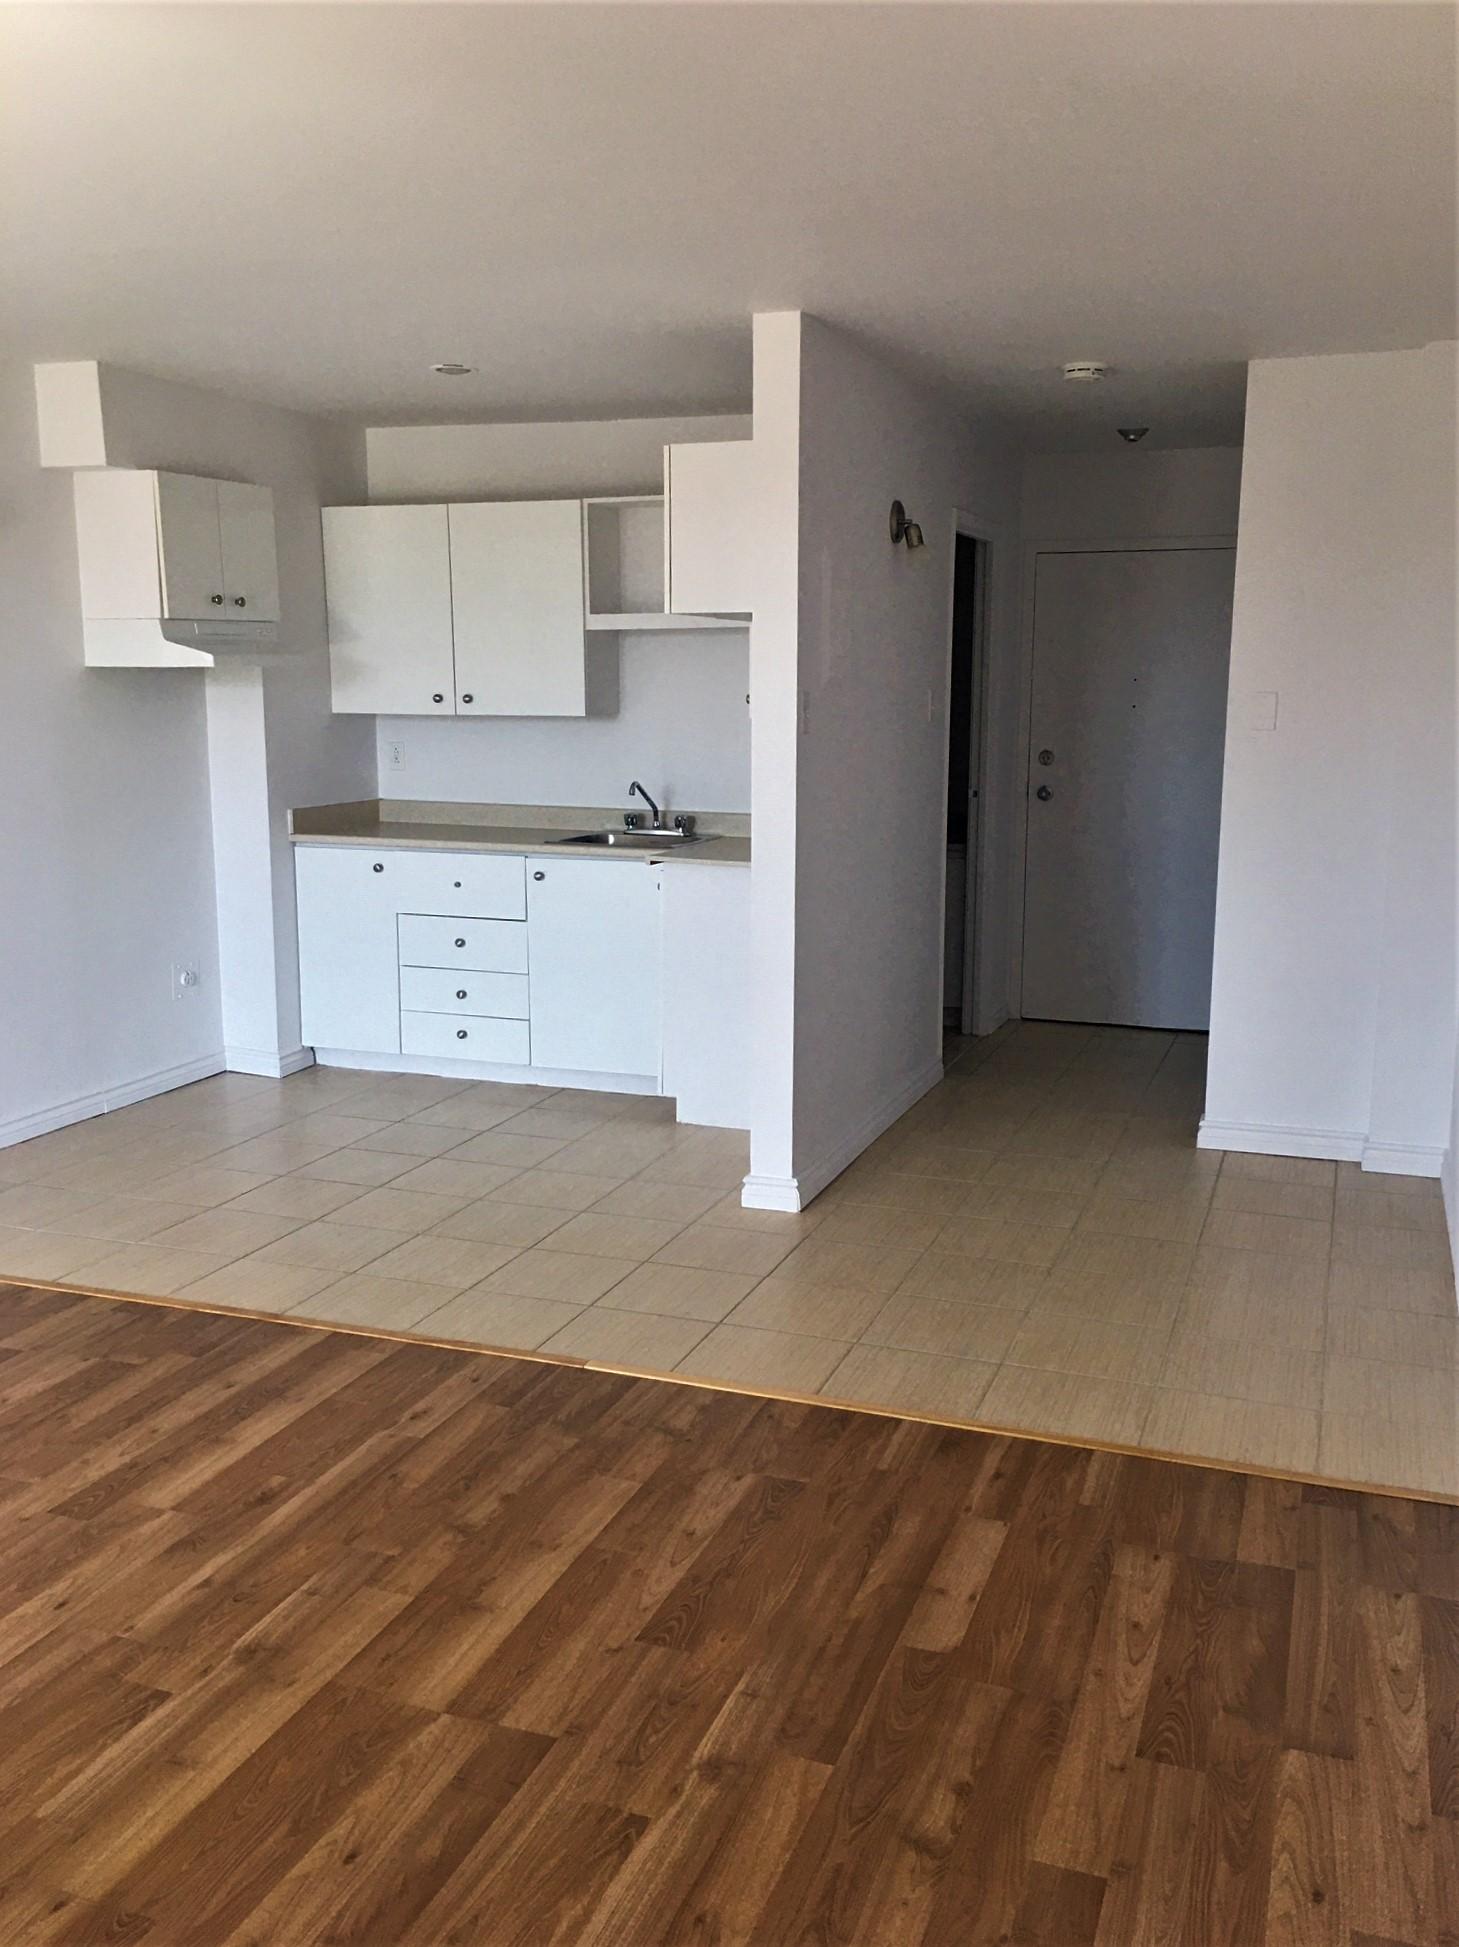 Studio / Bachelor Apartments for rent in Pointe-aux-Trembles at Habitations de la Rousseliere - Photo 03 - RentersPages – L1920